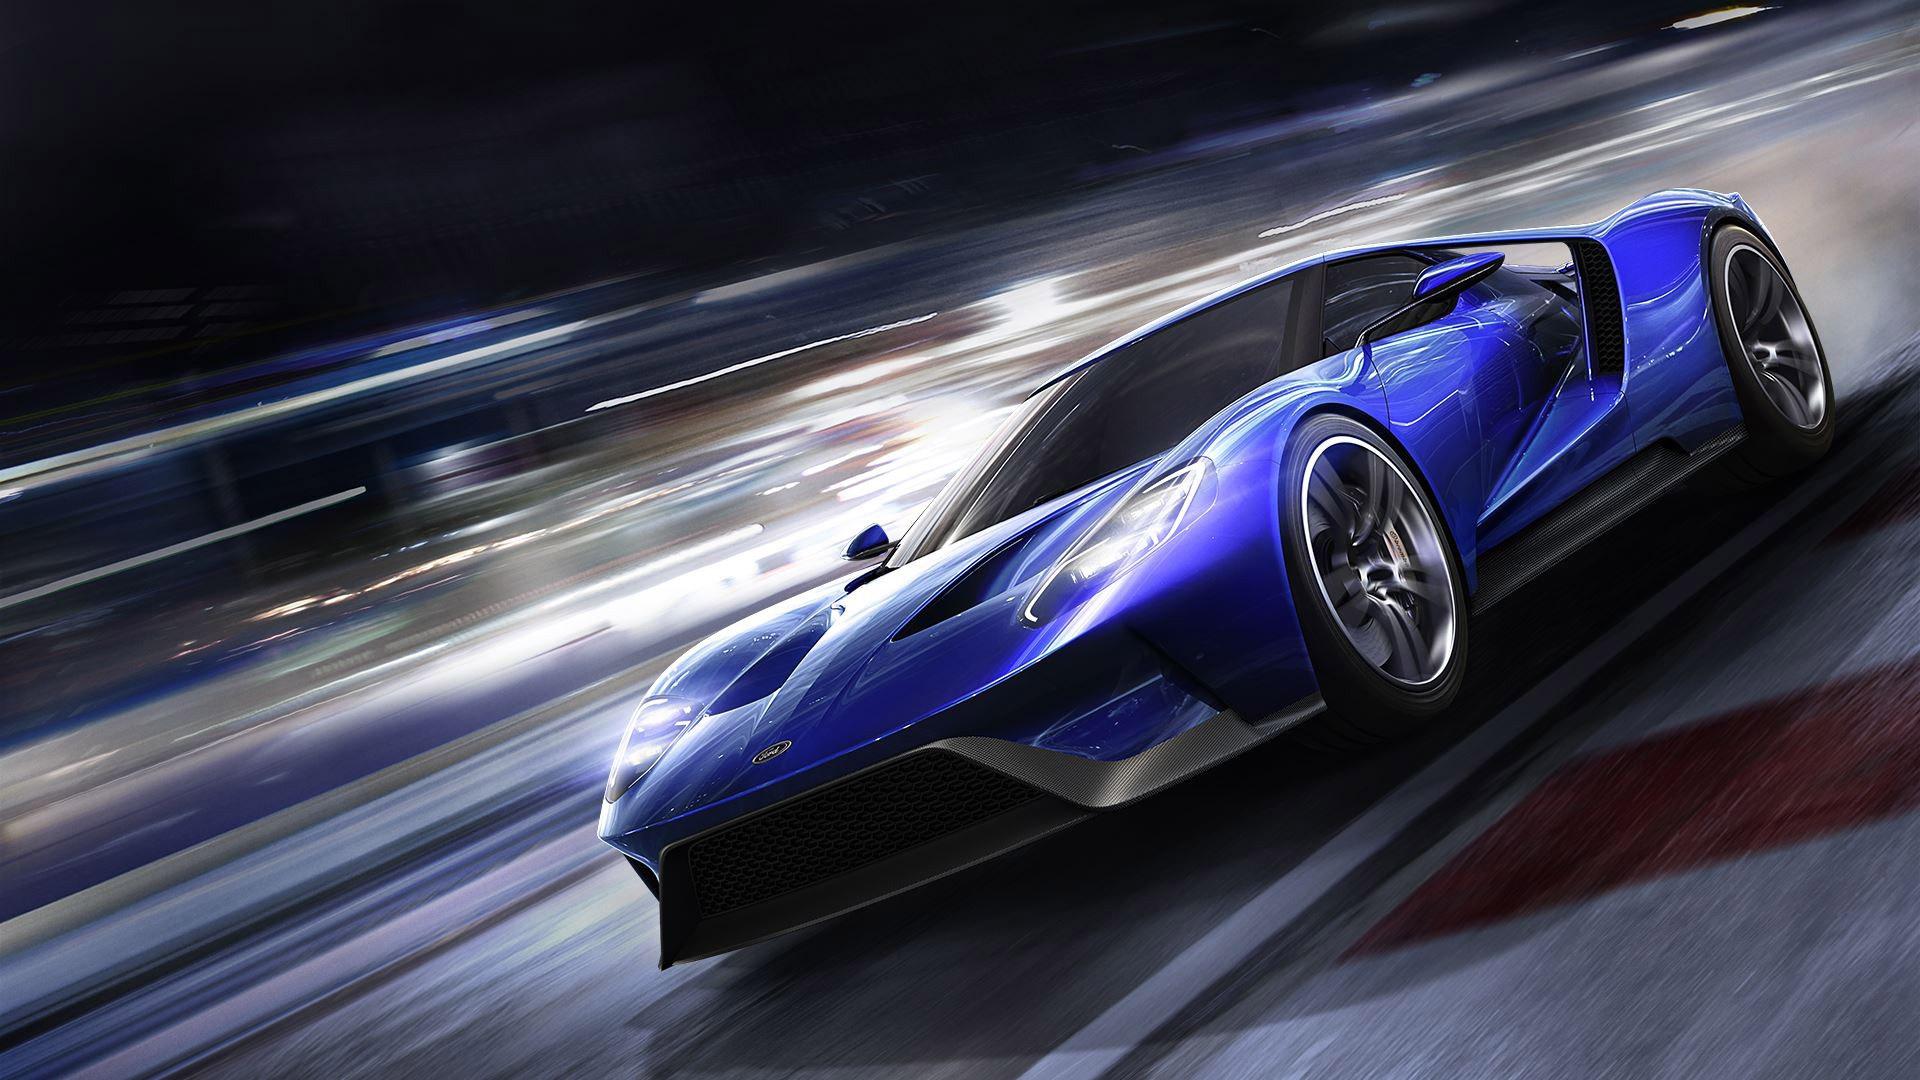 Forza Motorsport 6 Wallpaper in 1920x1080